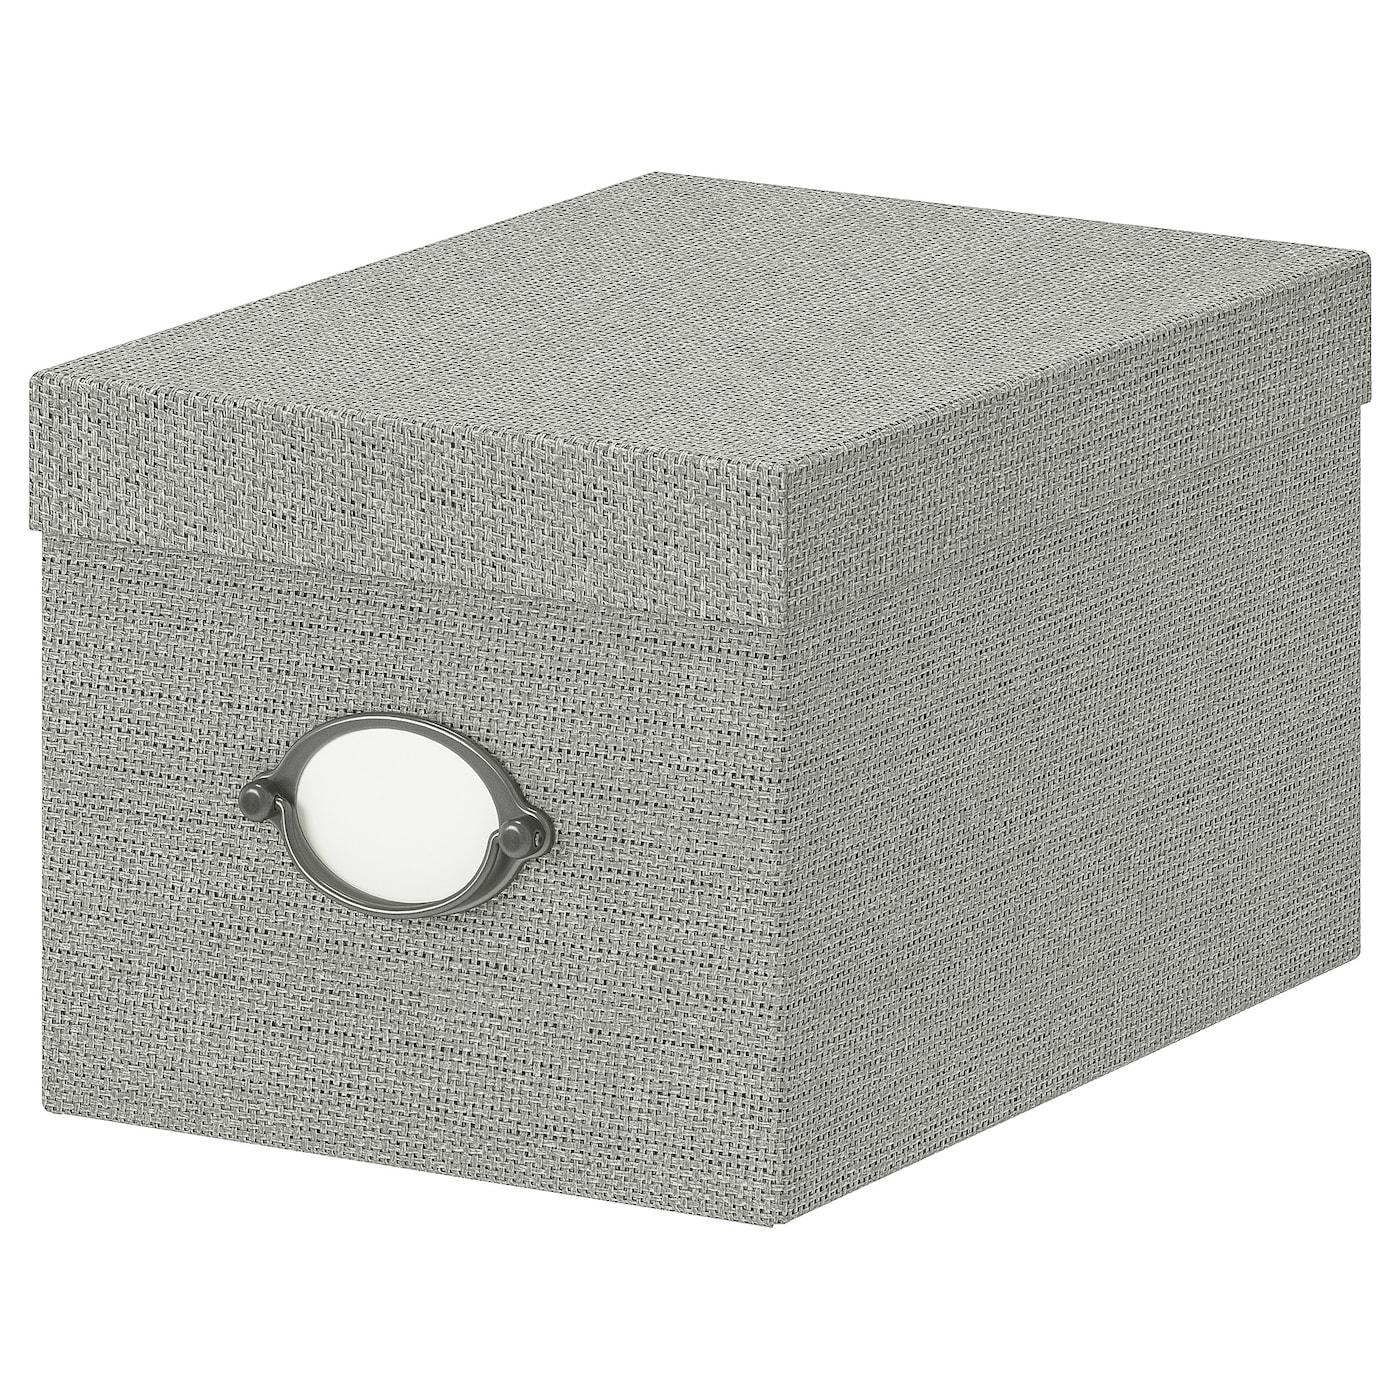 IKEA KVARNVIK Kasten mit Deckel - 25 x 18 x 15 cm